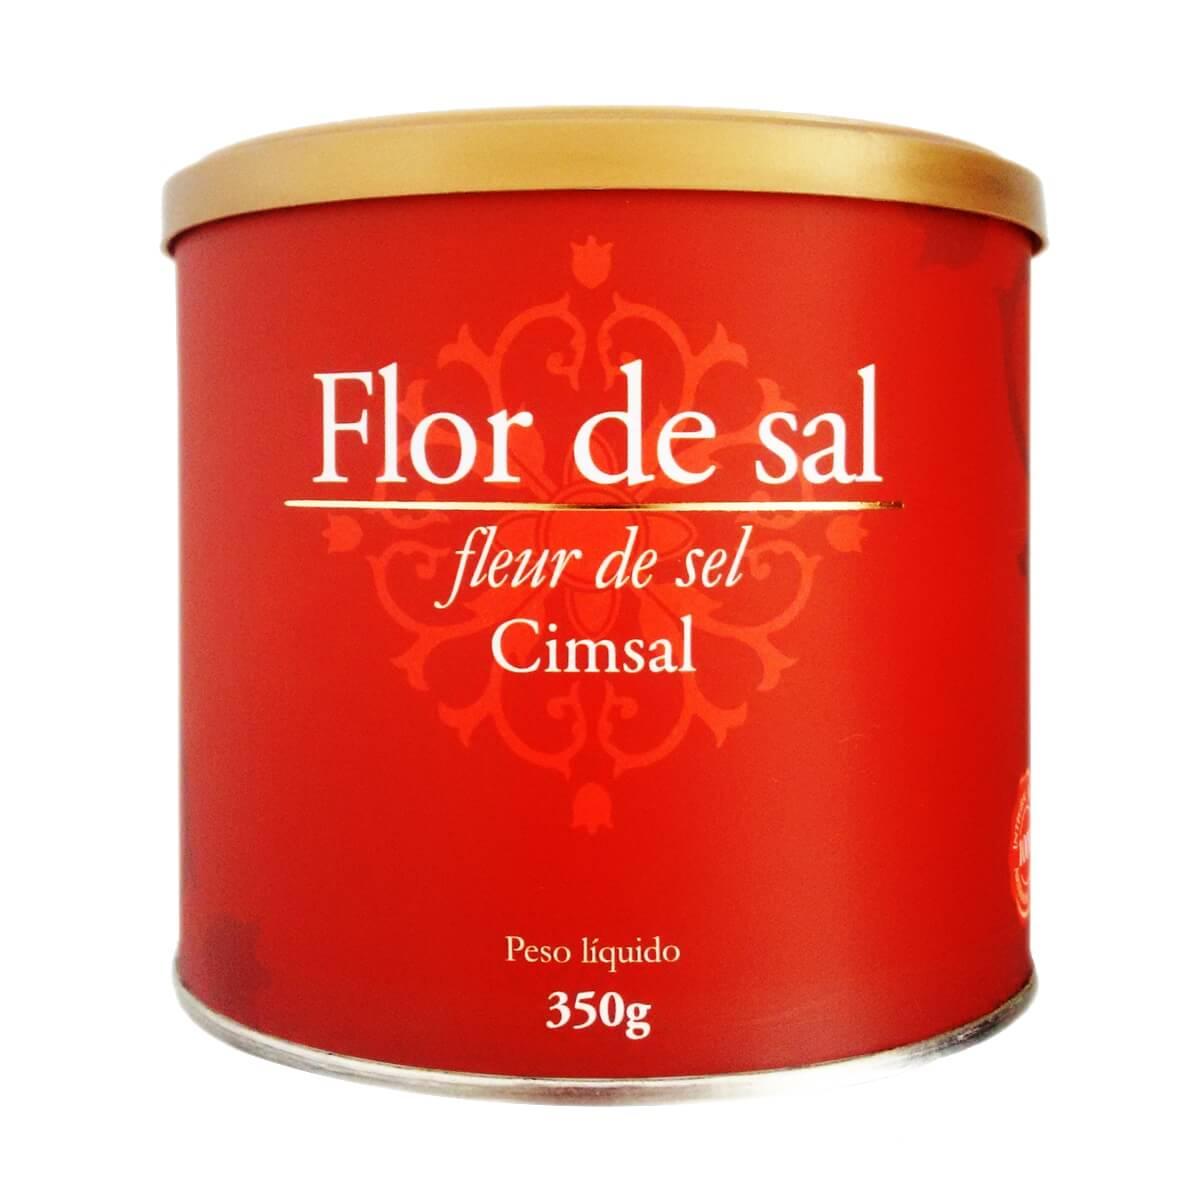 FLOR DE SAL CIMSAL  350 GR